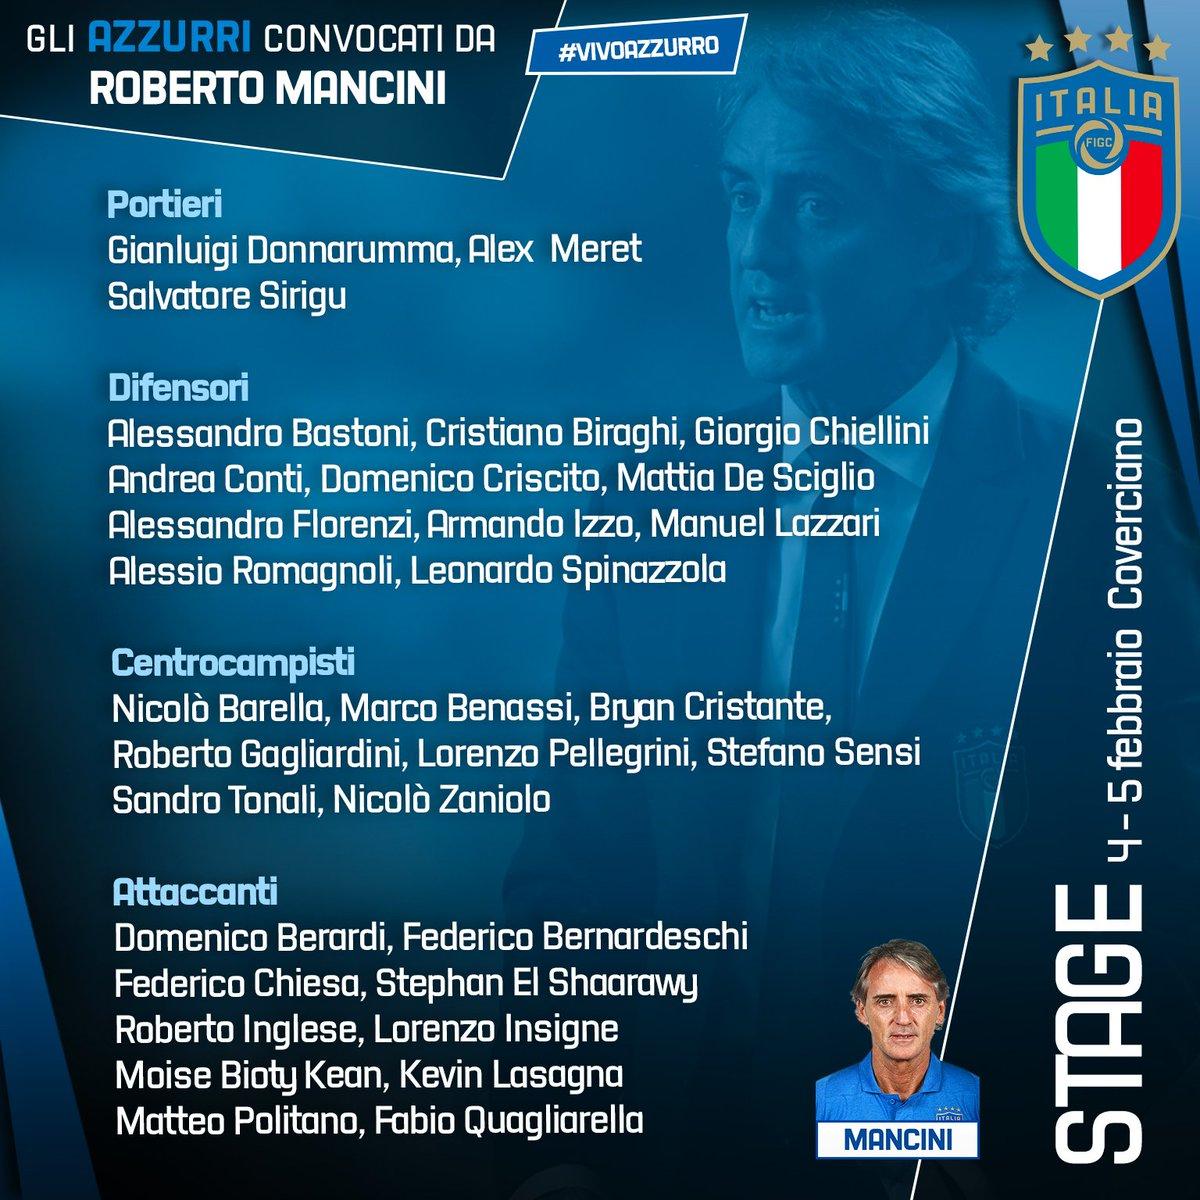 意大利公布本月集训大名单:夸利亚雷拉入选